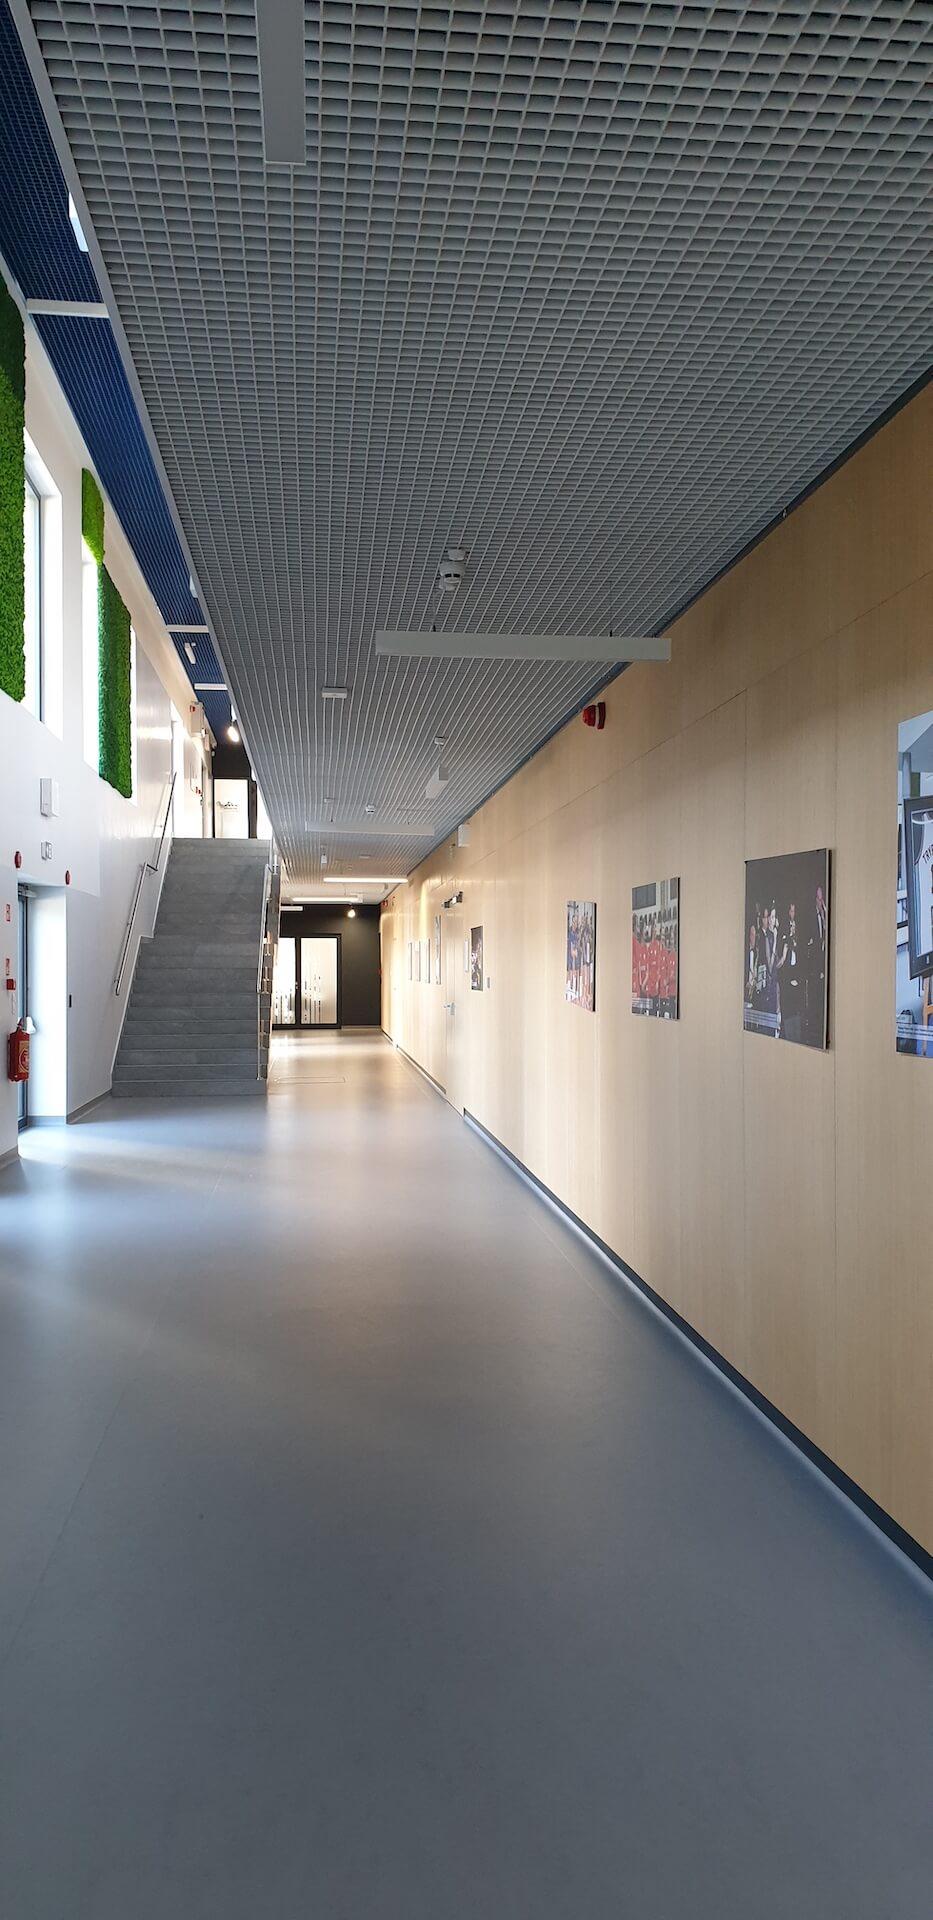 Parter - widok na korytarz i schody prowadzące na pierwsze piętro